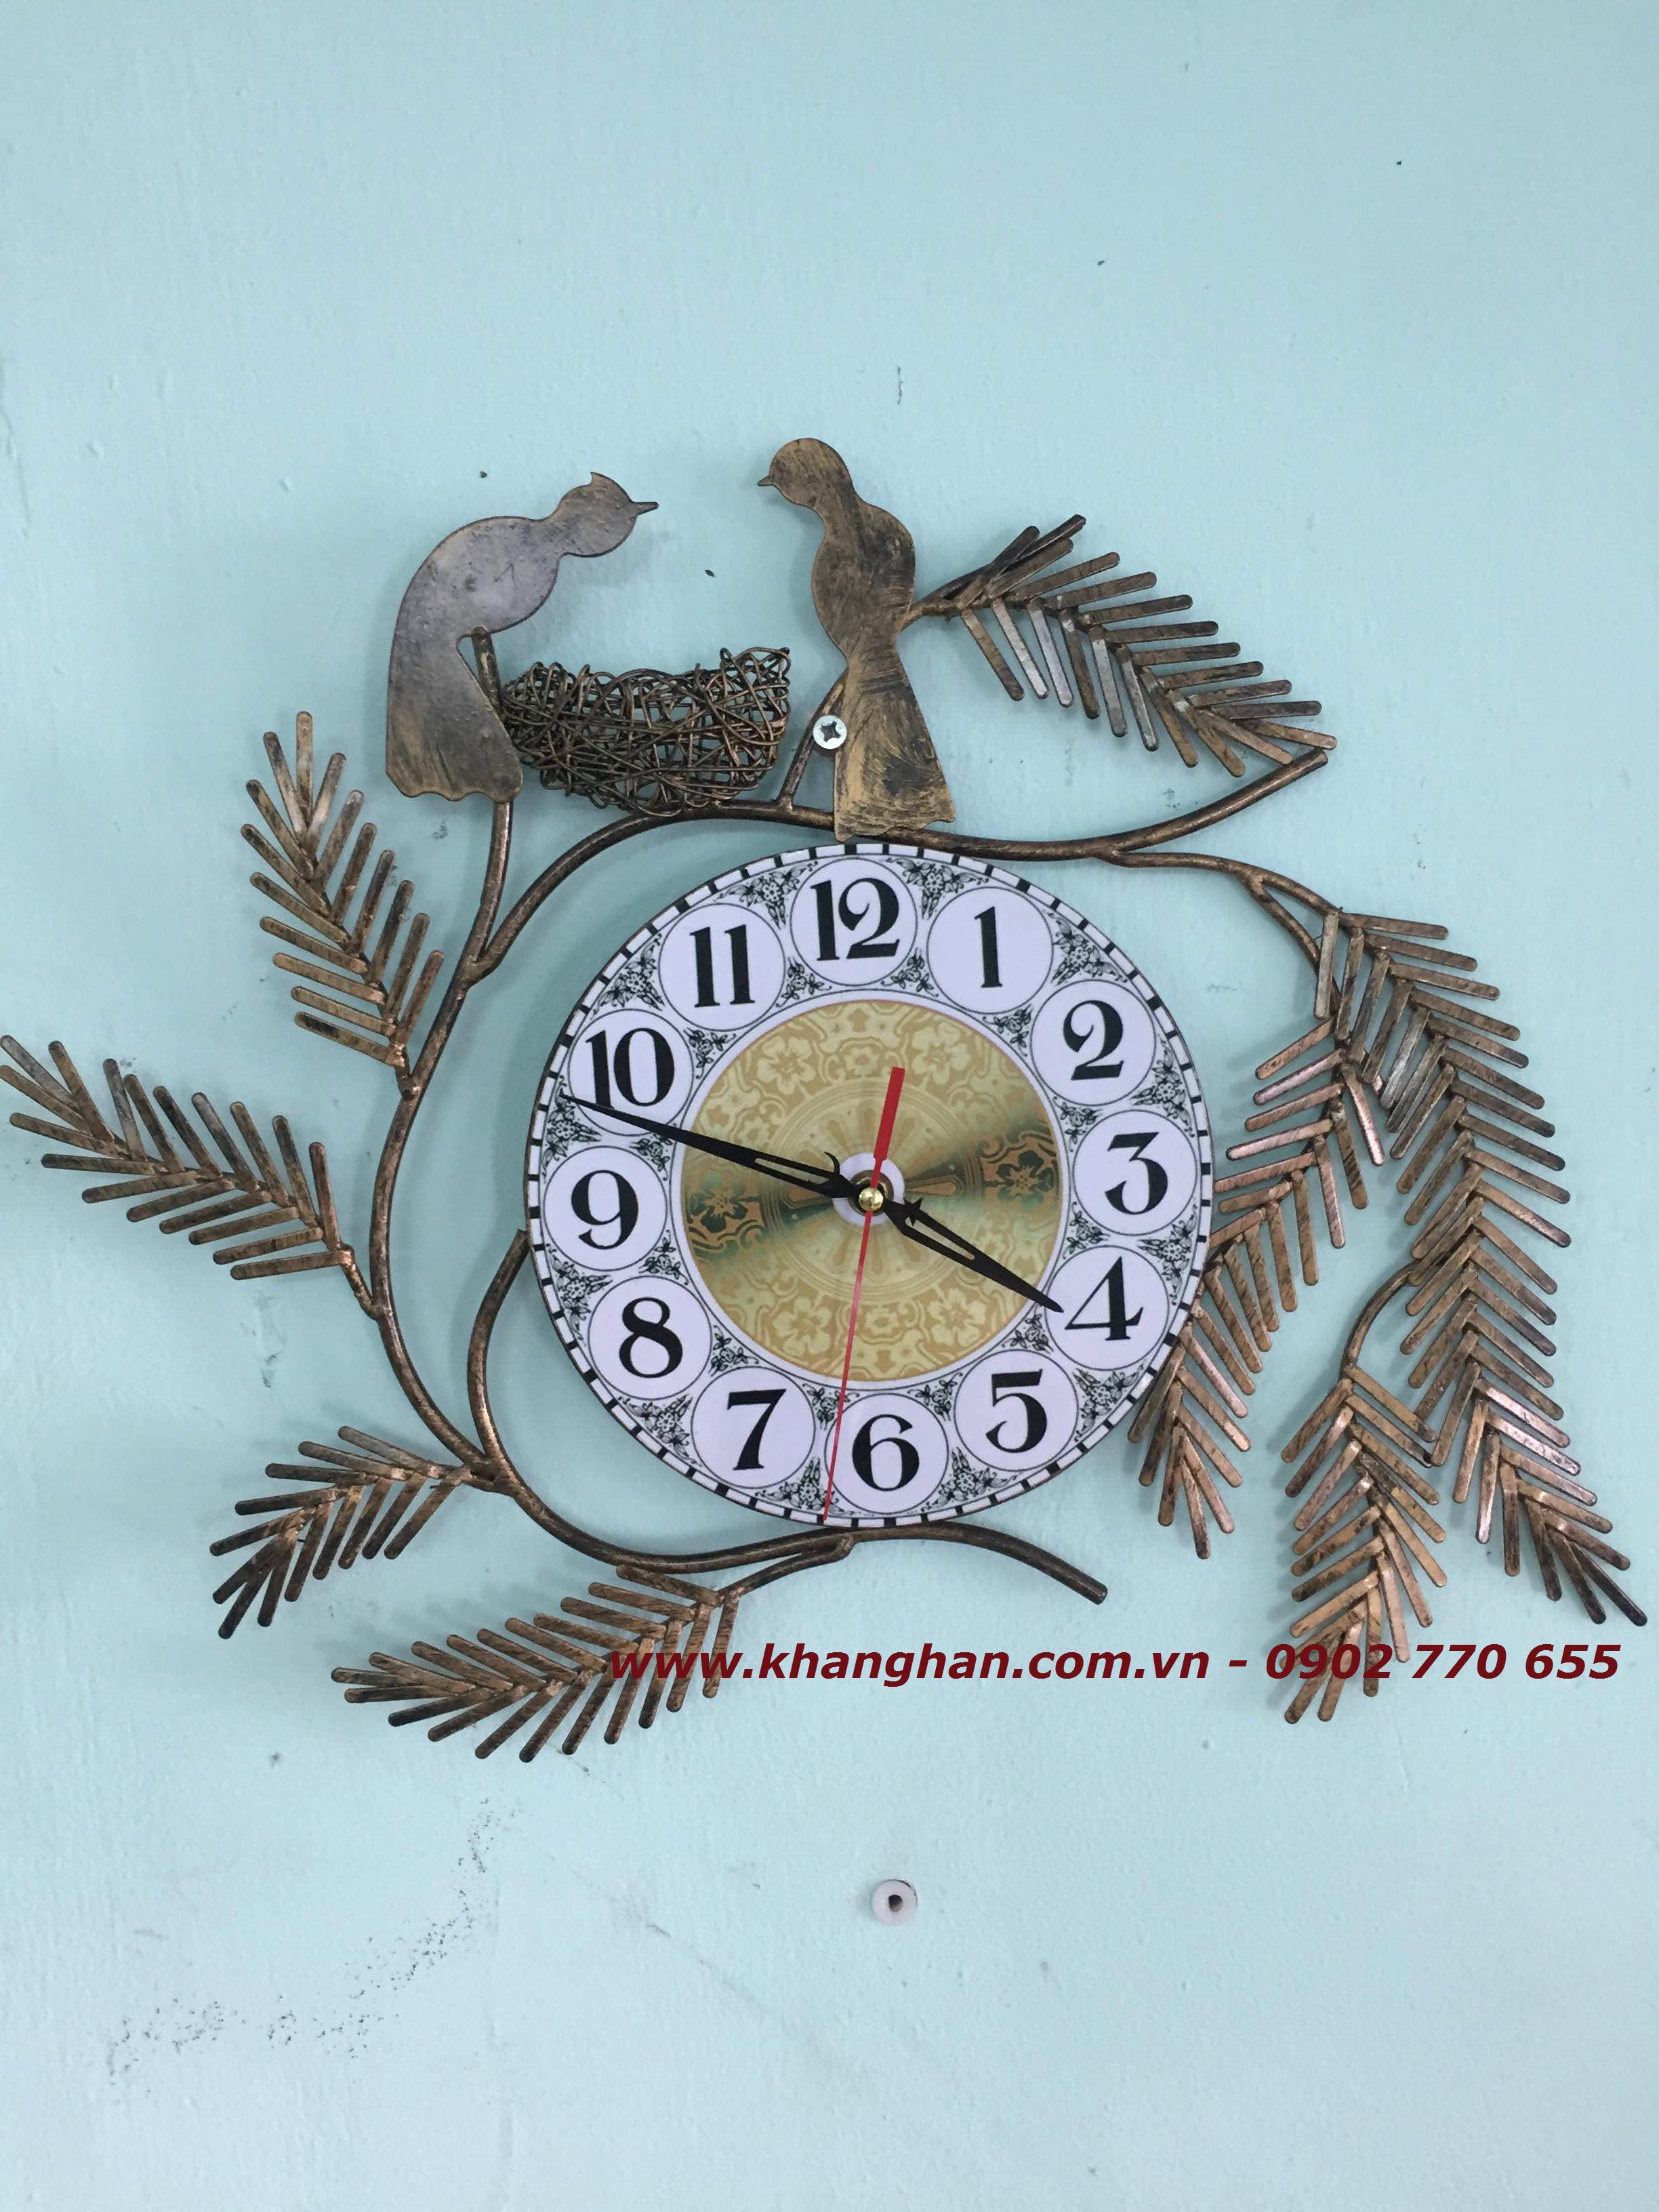 Đồng hồ sắt mỹ thuật